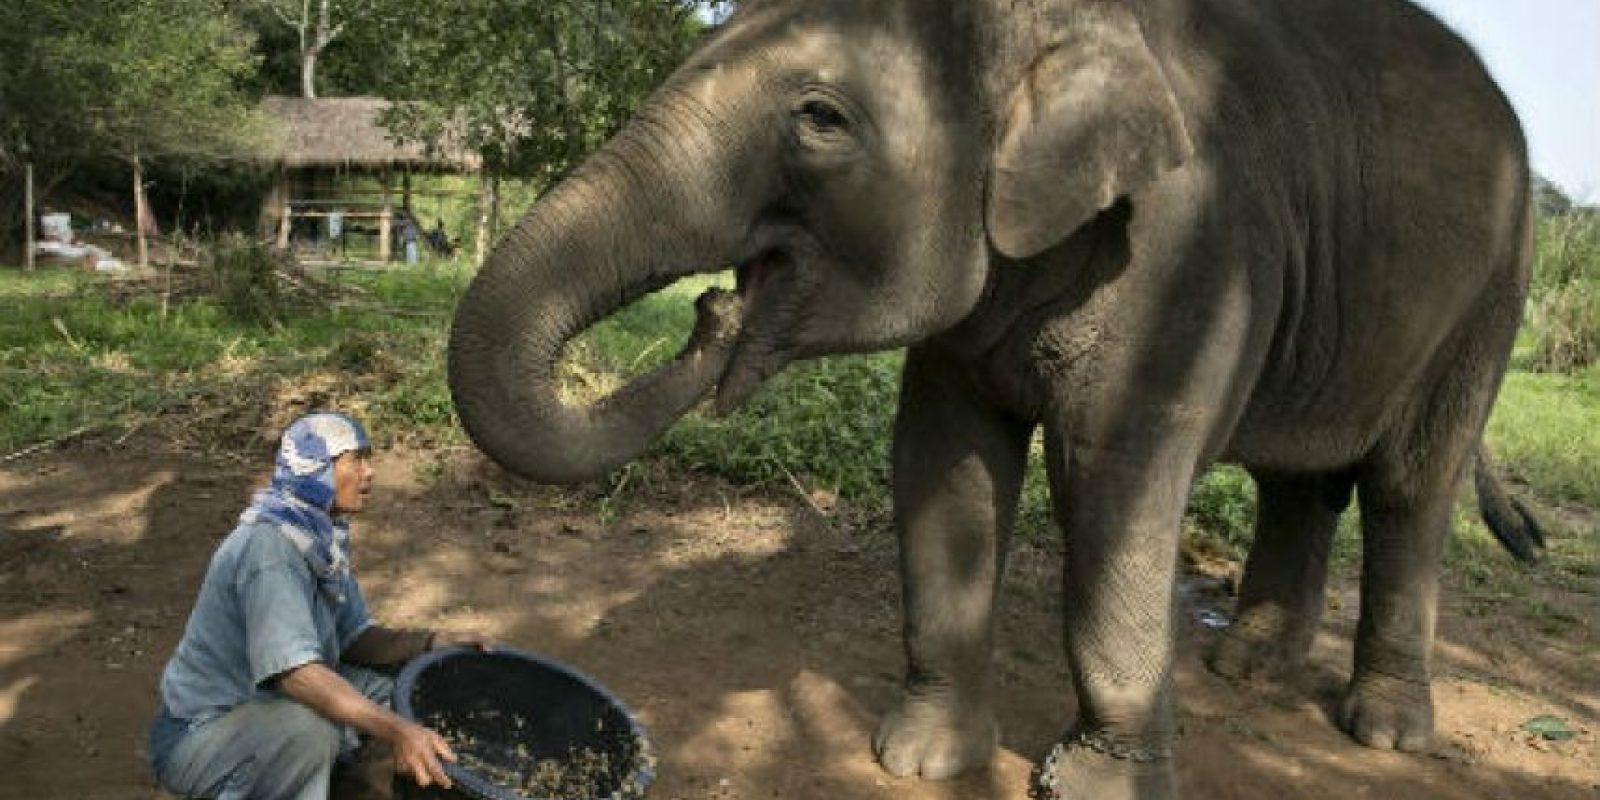 Los elefantes son los animales terrestres más grandes del mundo. Foto:Getty Images